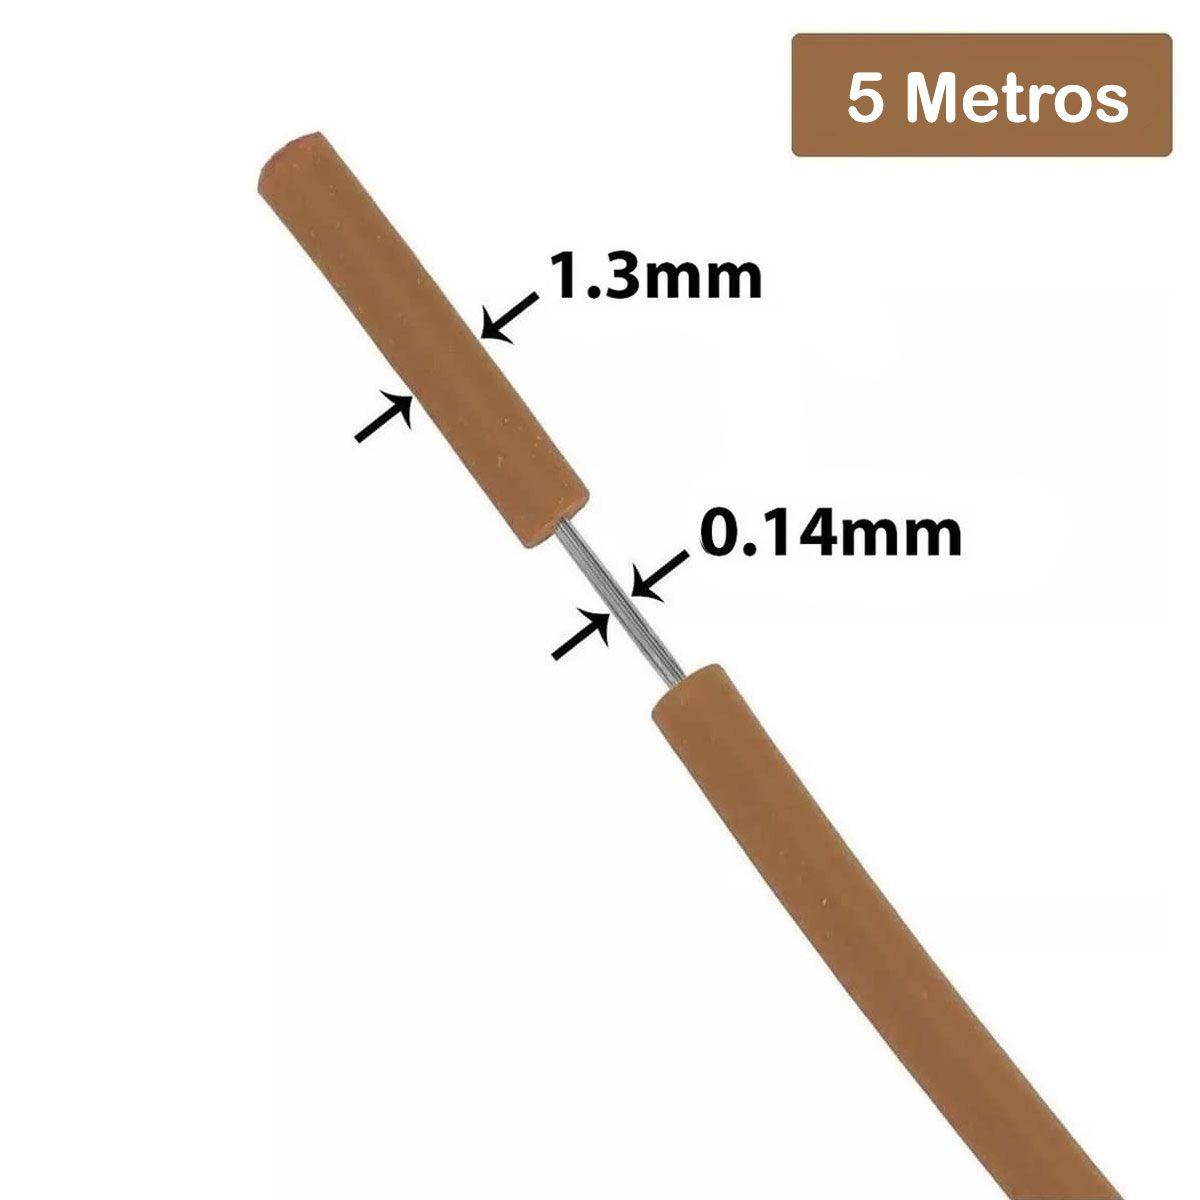 Fio Cabinho Flexível de Cobre Estanhado 0,14mm com 5 metros